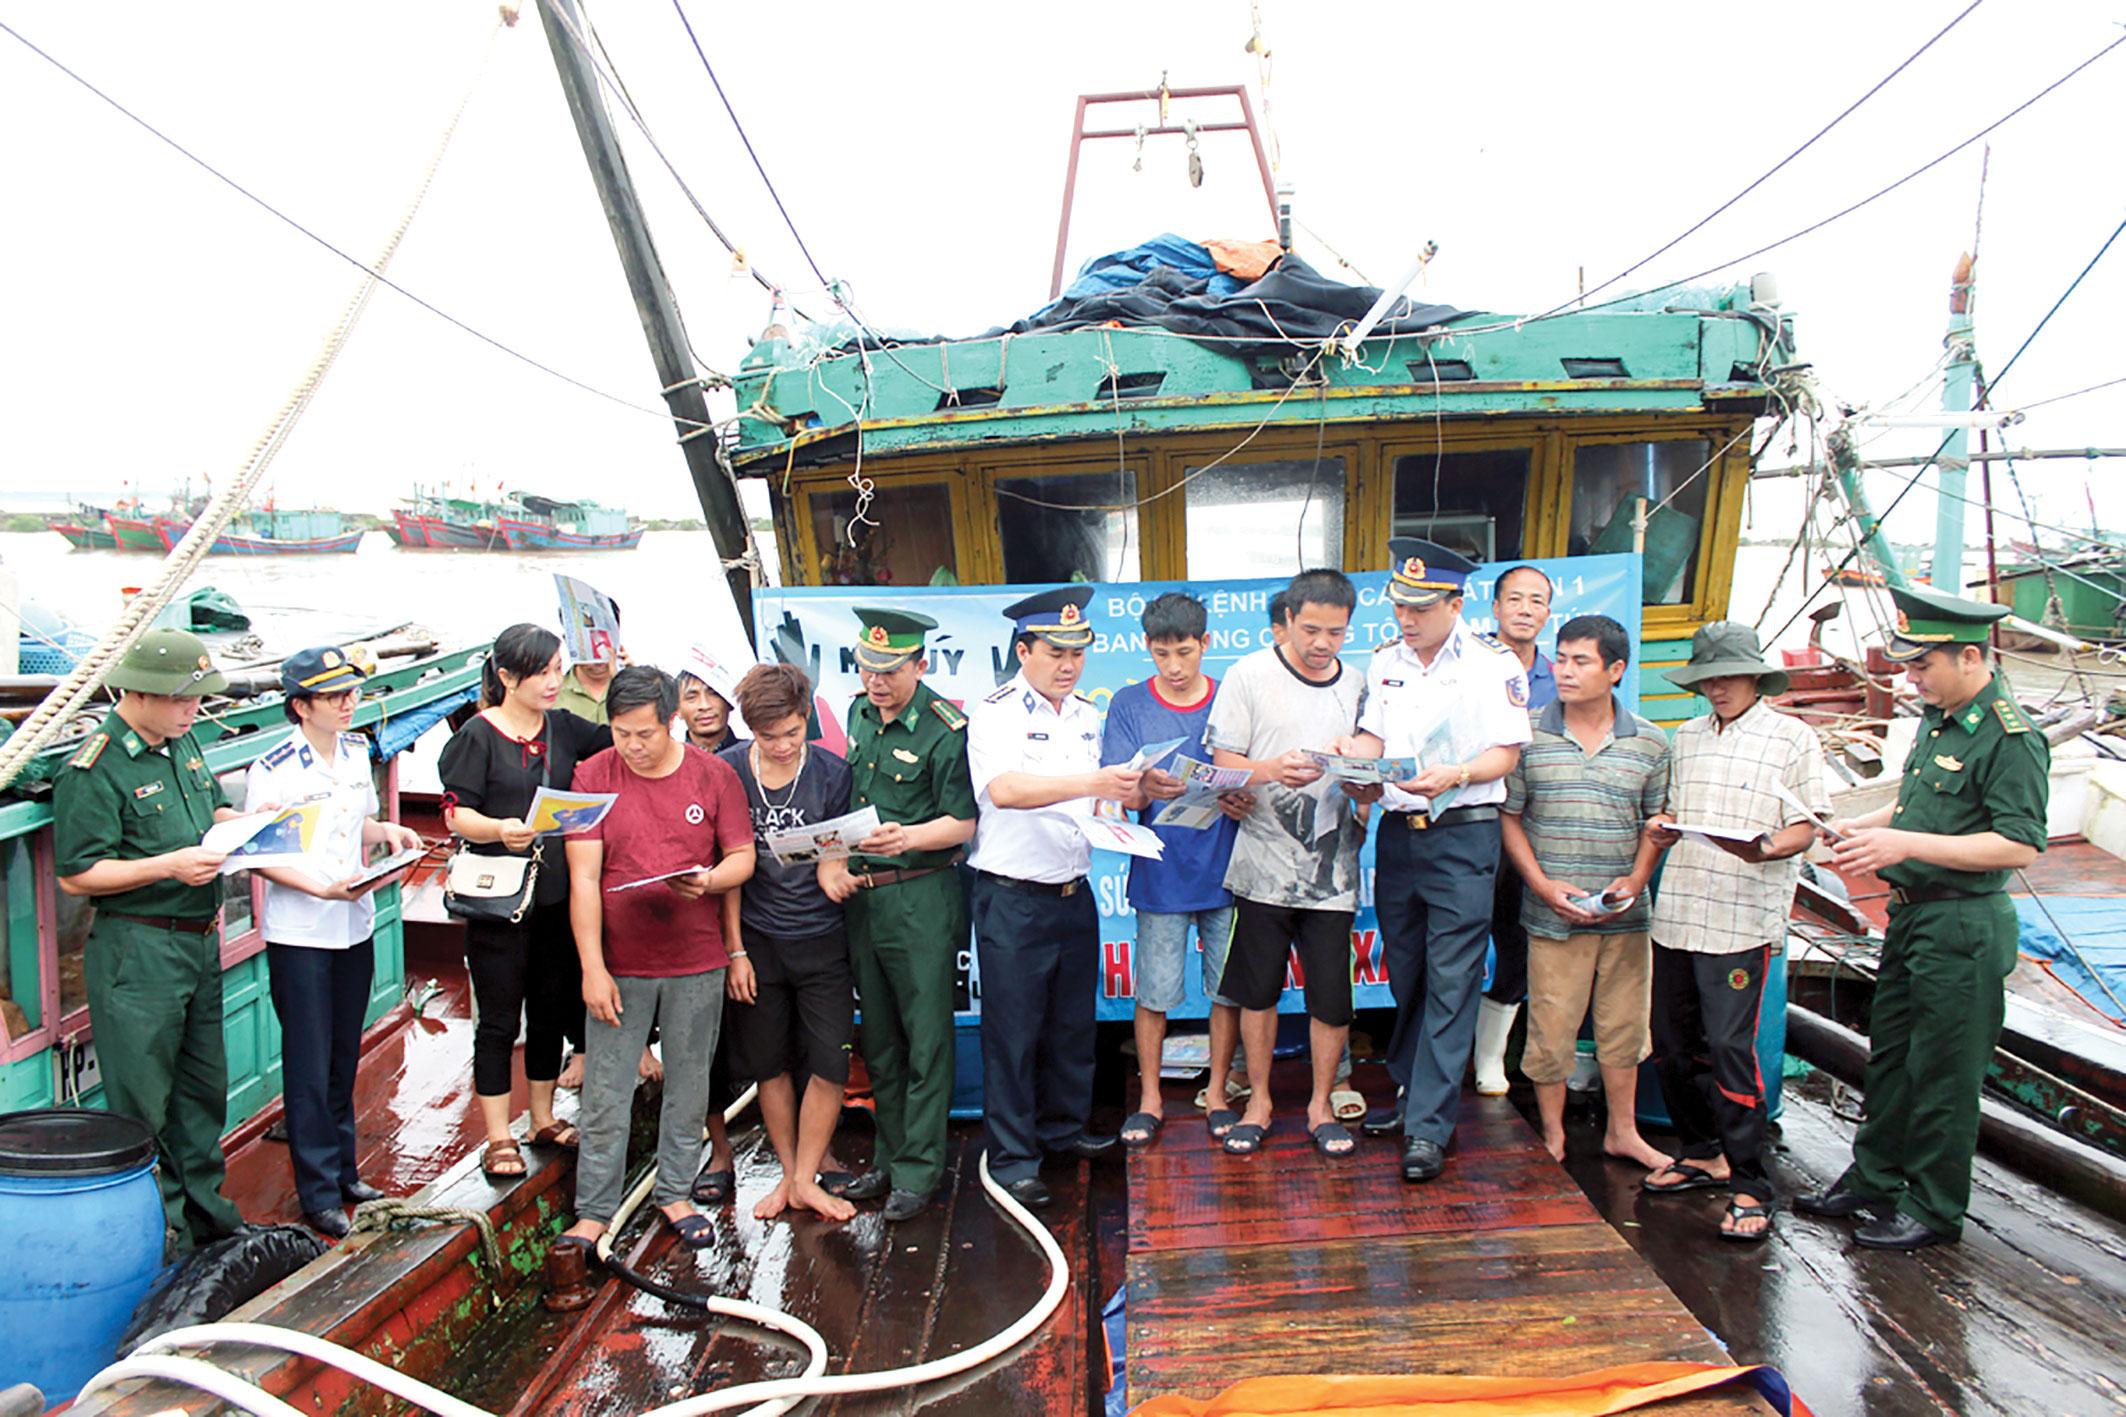 Nâng cao kỹ năng bảo hộ cho ngư dân trên biển (11/7/2018)